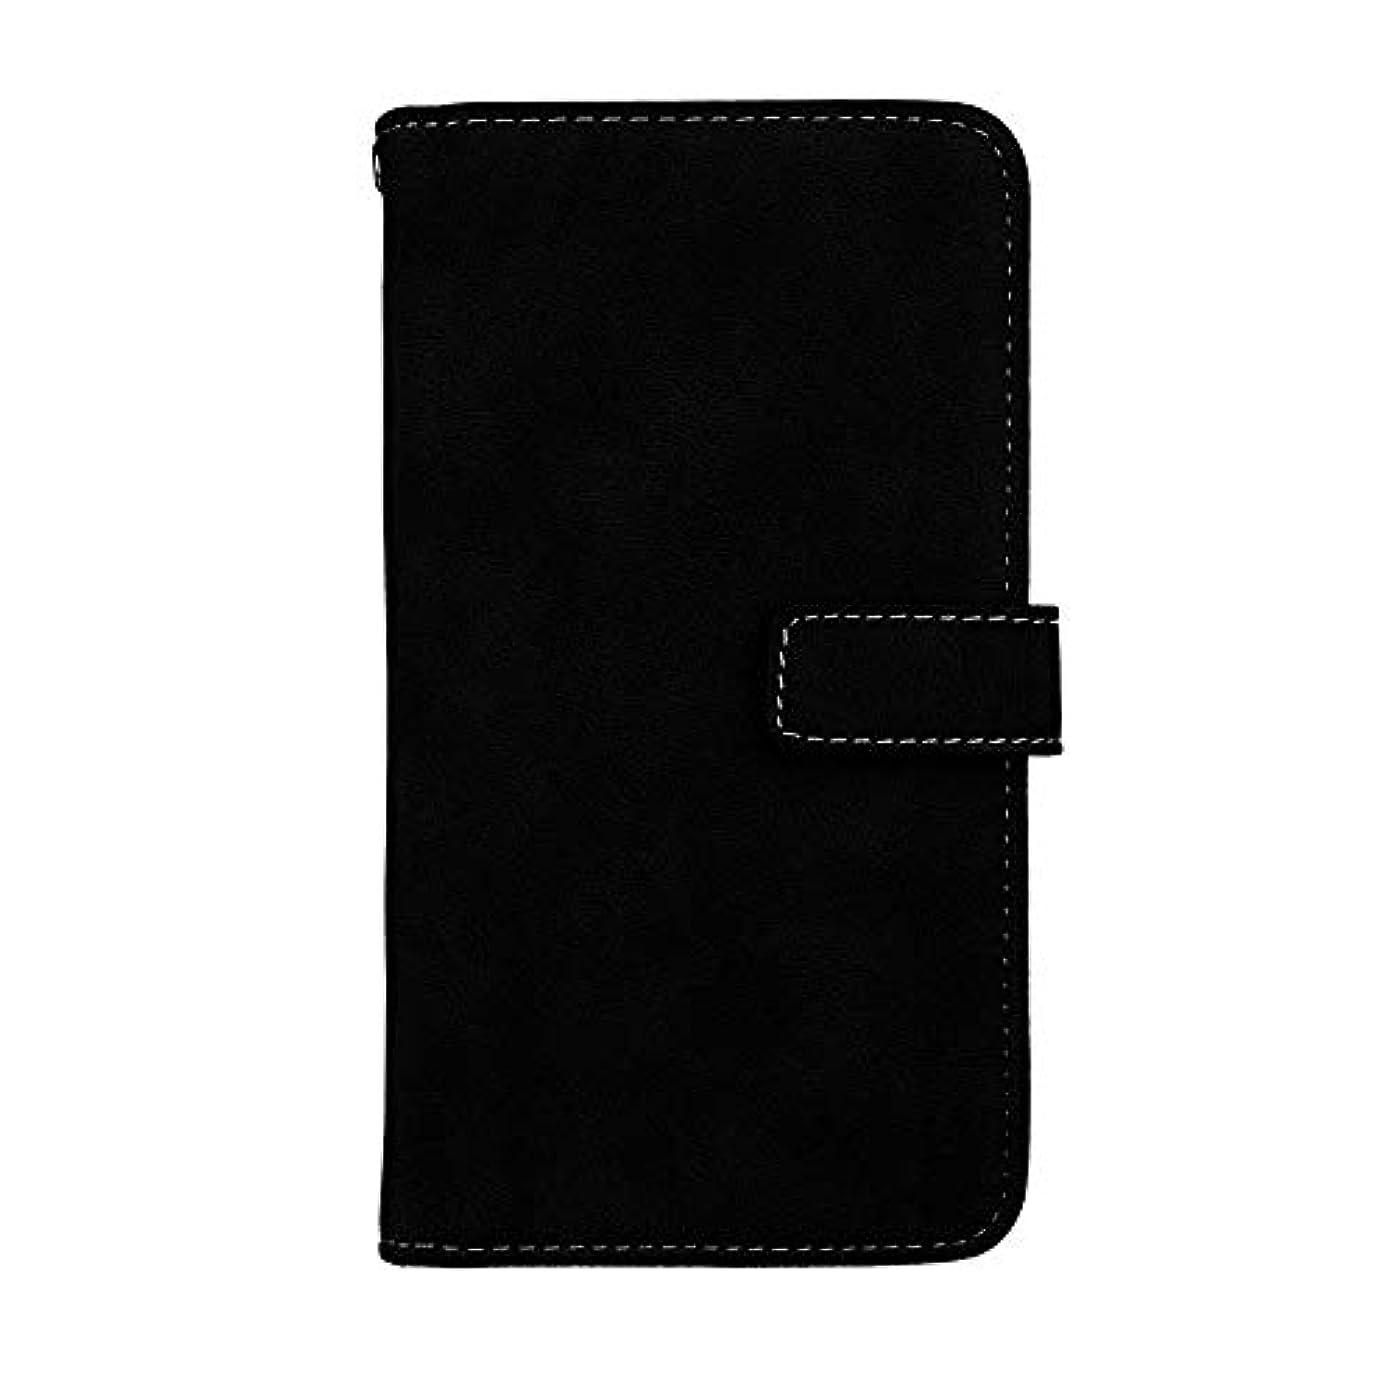 筋いつでも主人Xiaomi Redmi Note 4X 高品質 マグネット ケース, CUNUS 携帯電話 ケース 軽量 柔軟 高品質 耐摩擦 カード収納 カバー Xiaomi Redmi Note 4X 用, ブラック